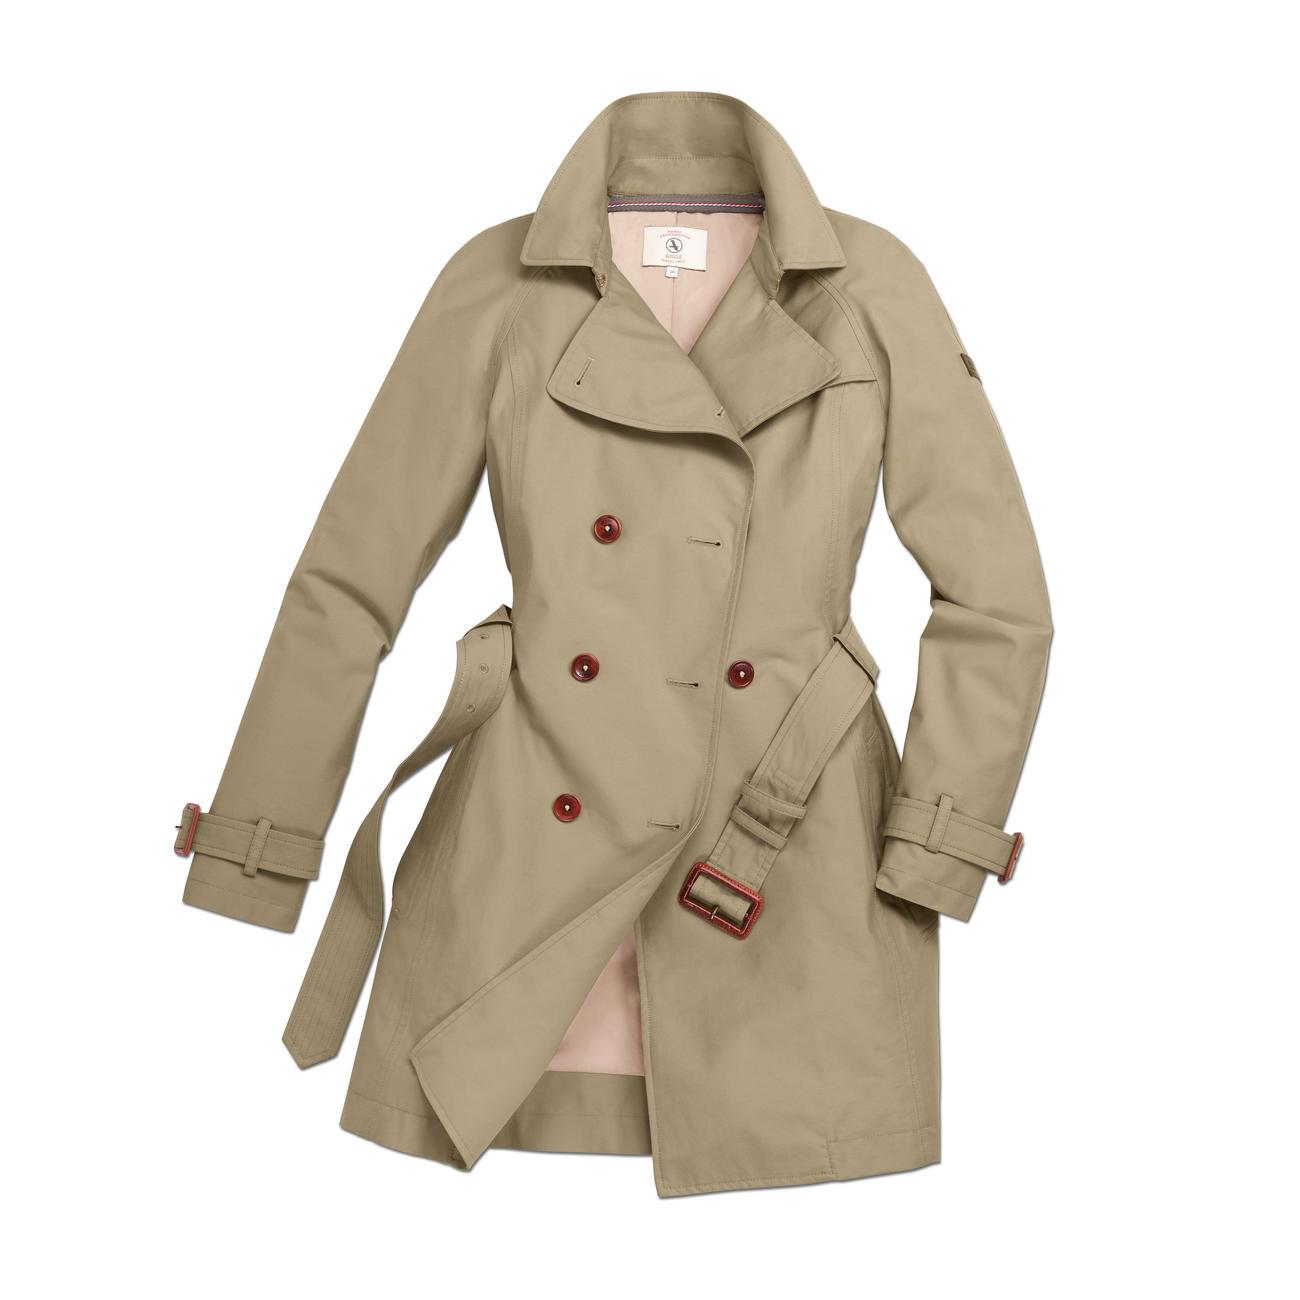 online store da069 5e3b7 Aigle Trench Coat | Discover fashion classics